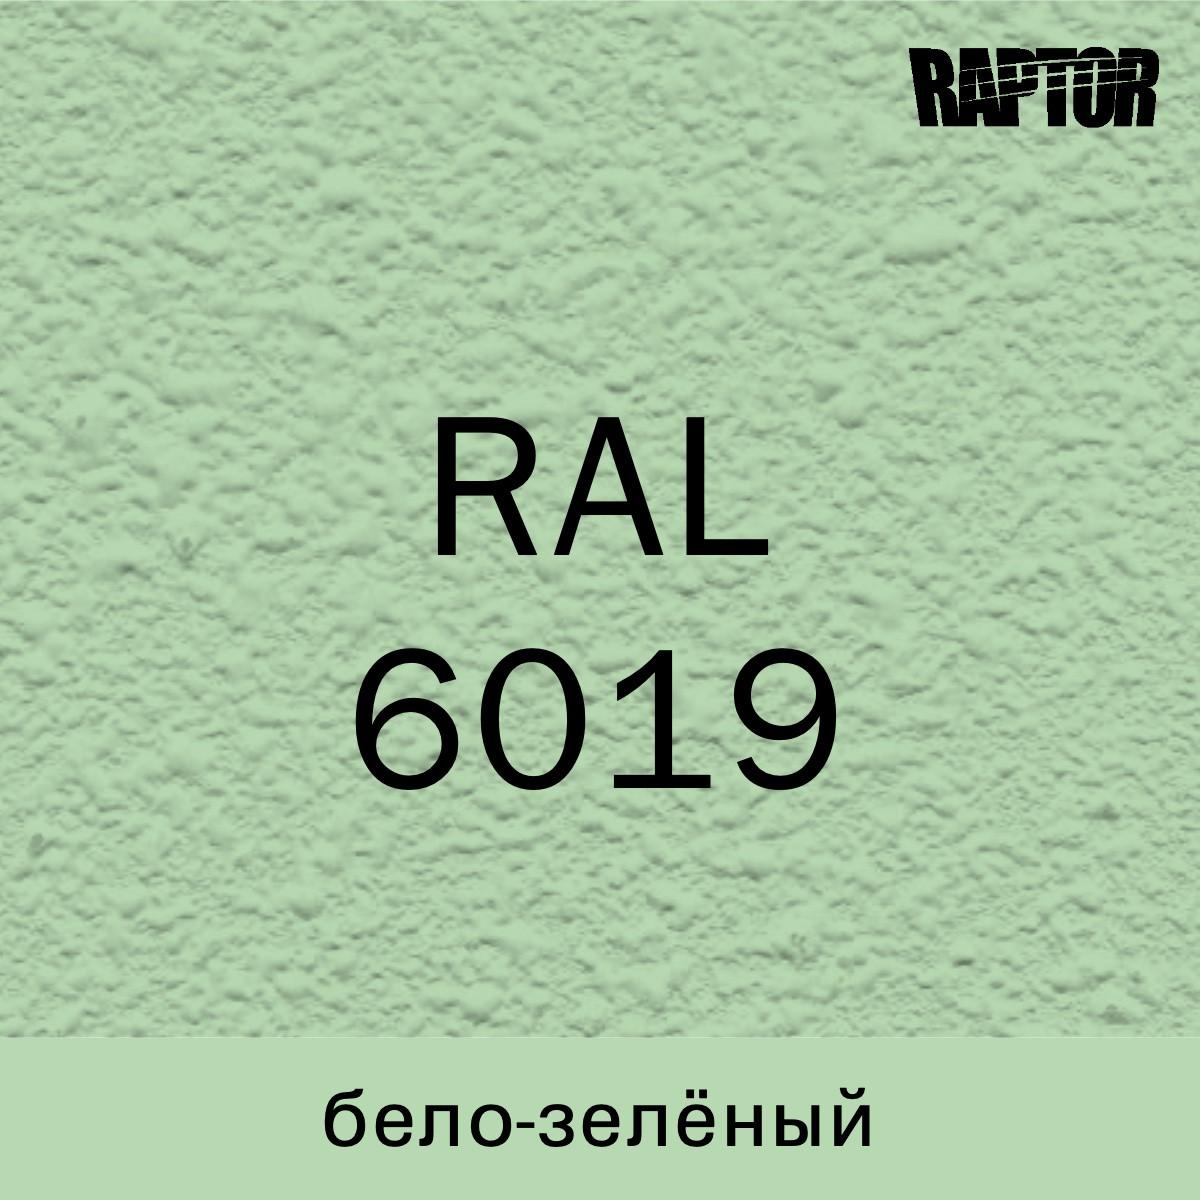 Пигмент для колеровки покрытия RAPTOR™ Бело-зелёный (RAL 6019)